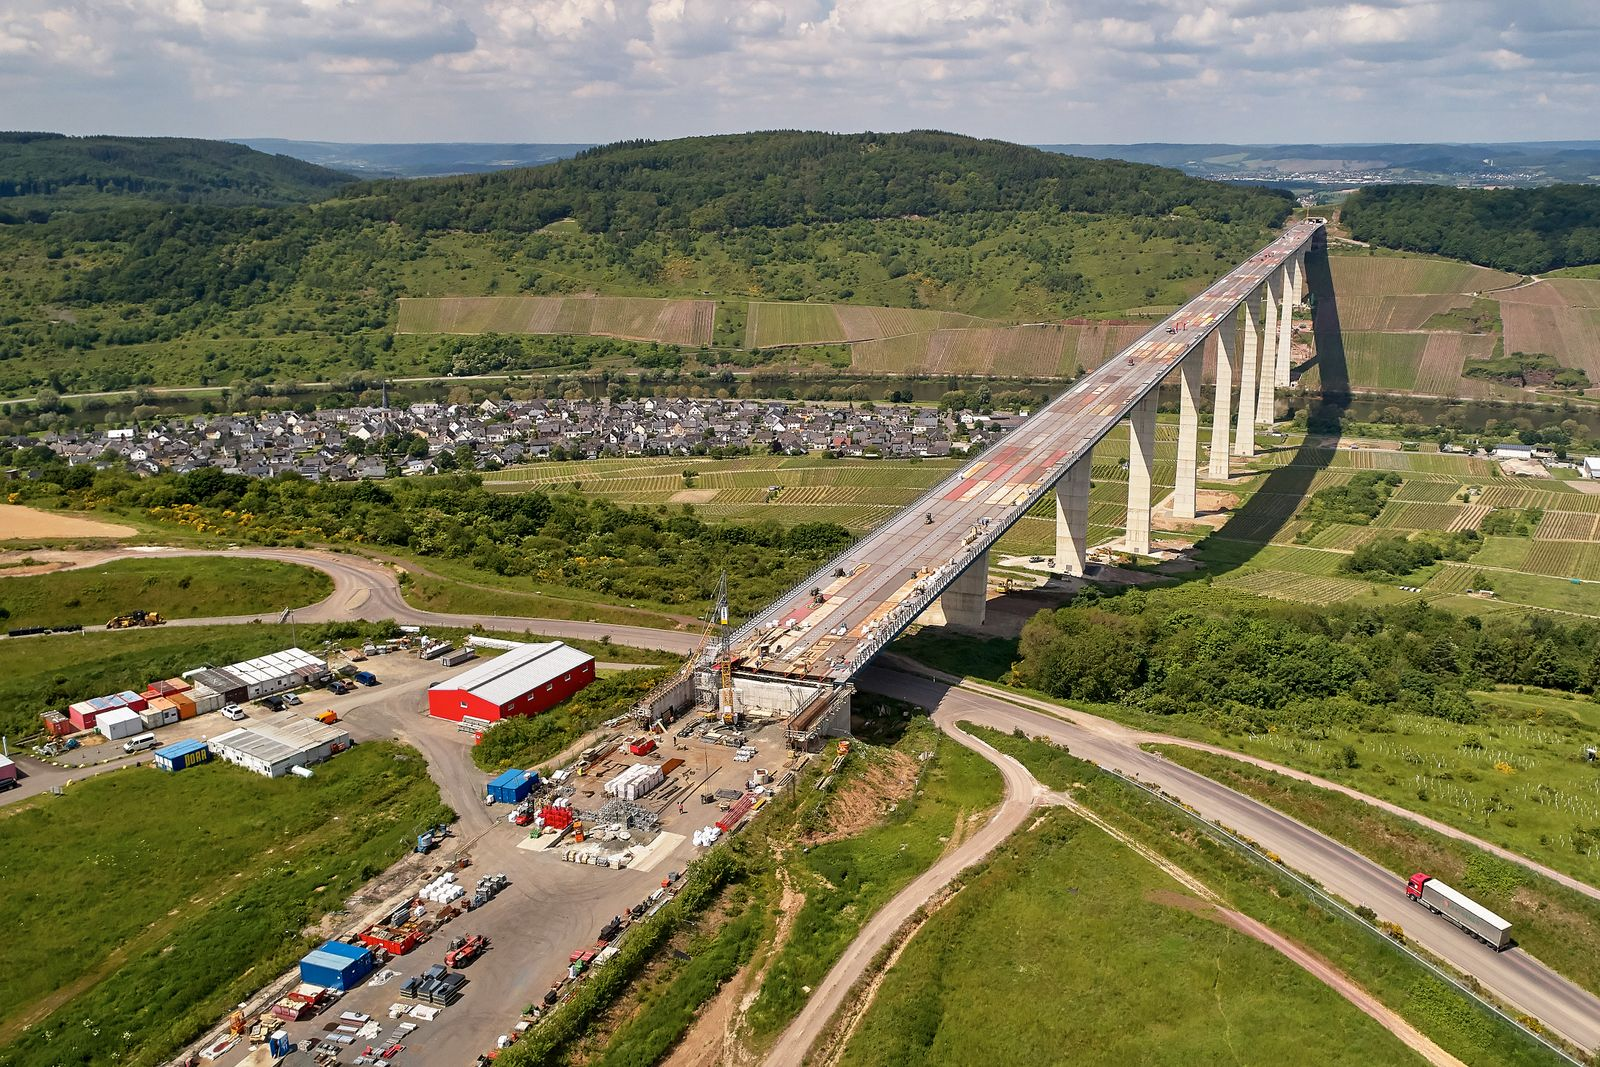 Brückenbau / Bau Brücke / Baustelle der Hochmoselbrücke / investitionen in bau und infrastruktur